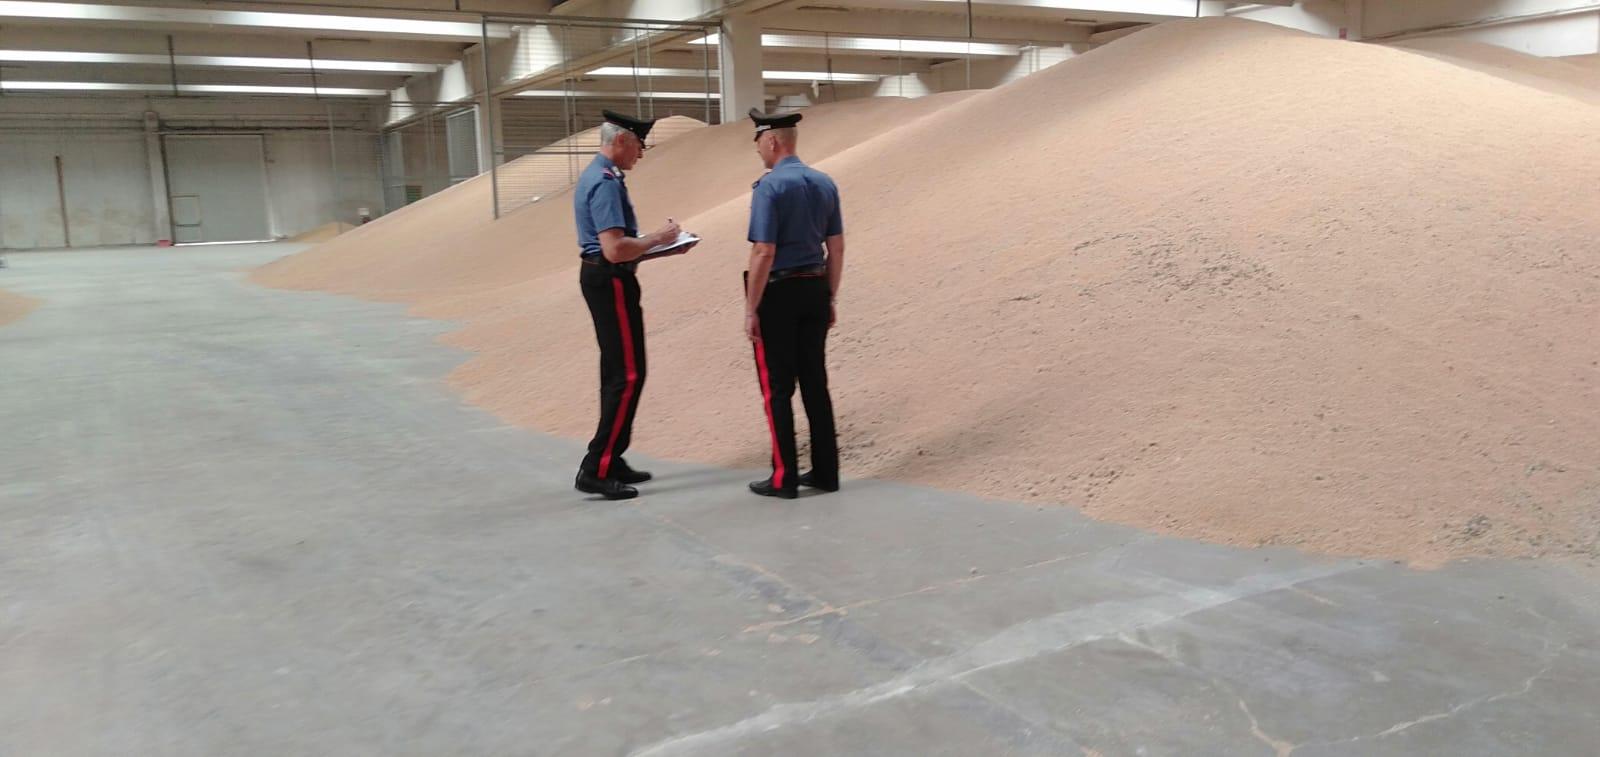 Tracciabilitá e condizioni igieniche incerte: sequestrati 45mila quintali di grano